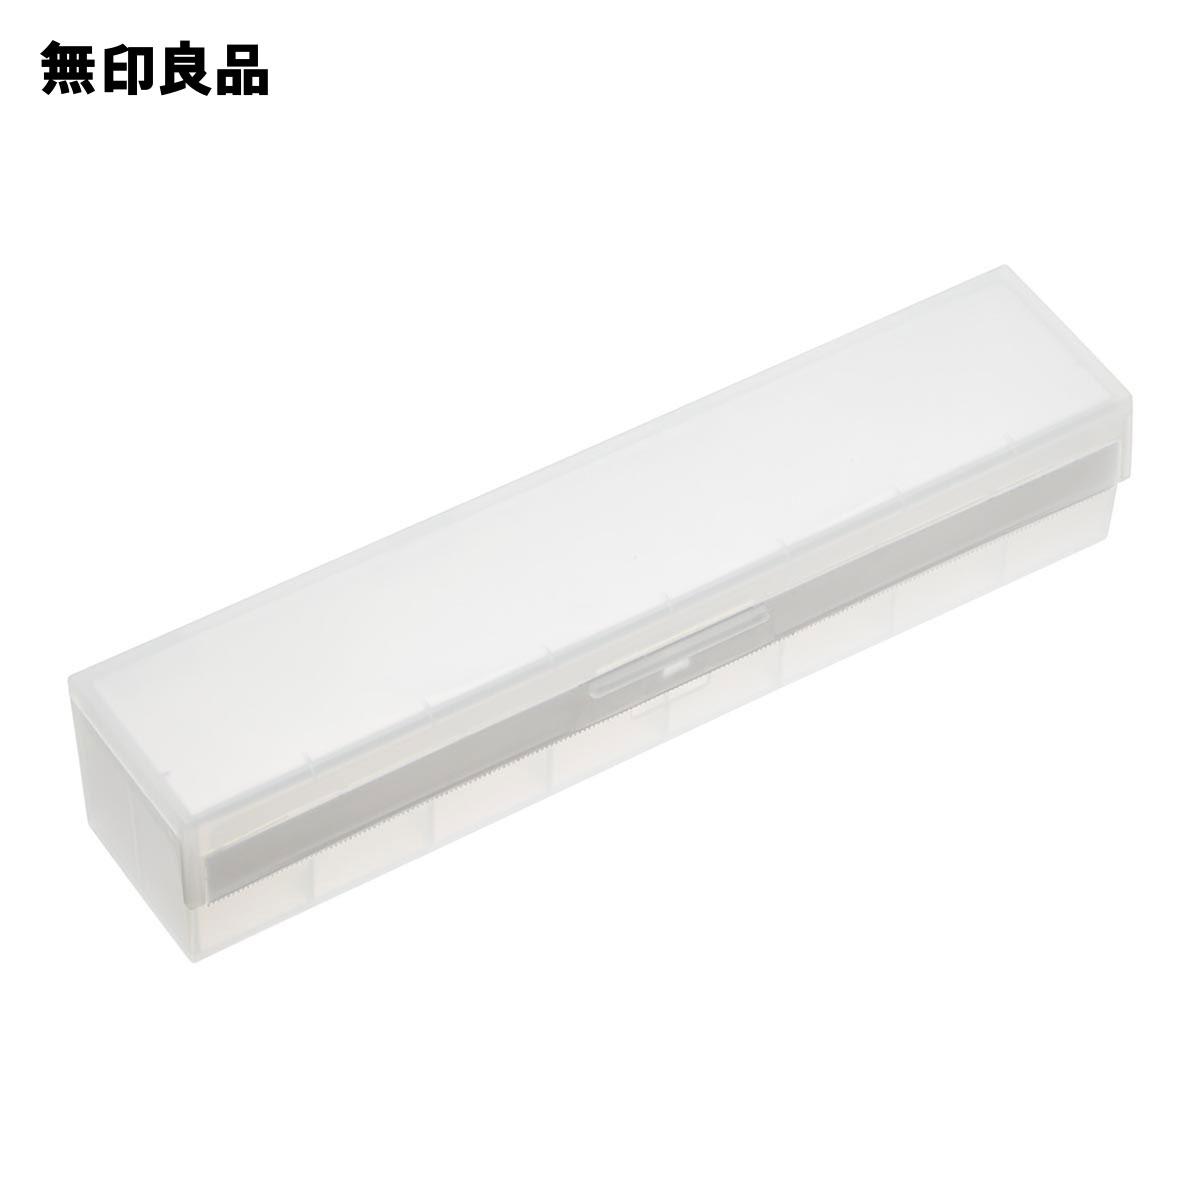 ポリプロピレンラップケース/約幅20〜22cm用